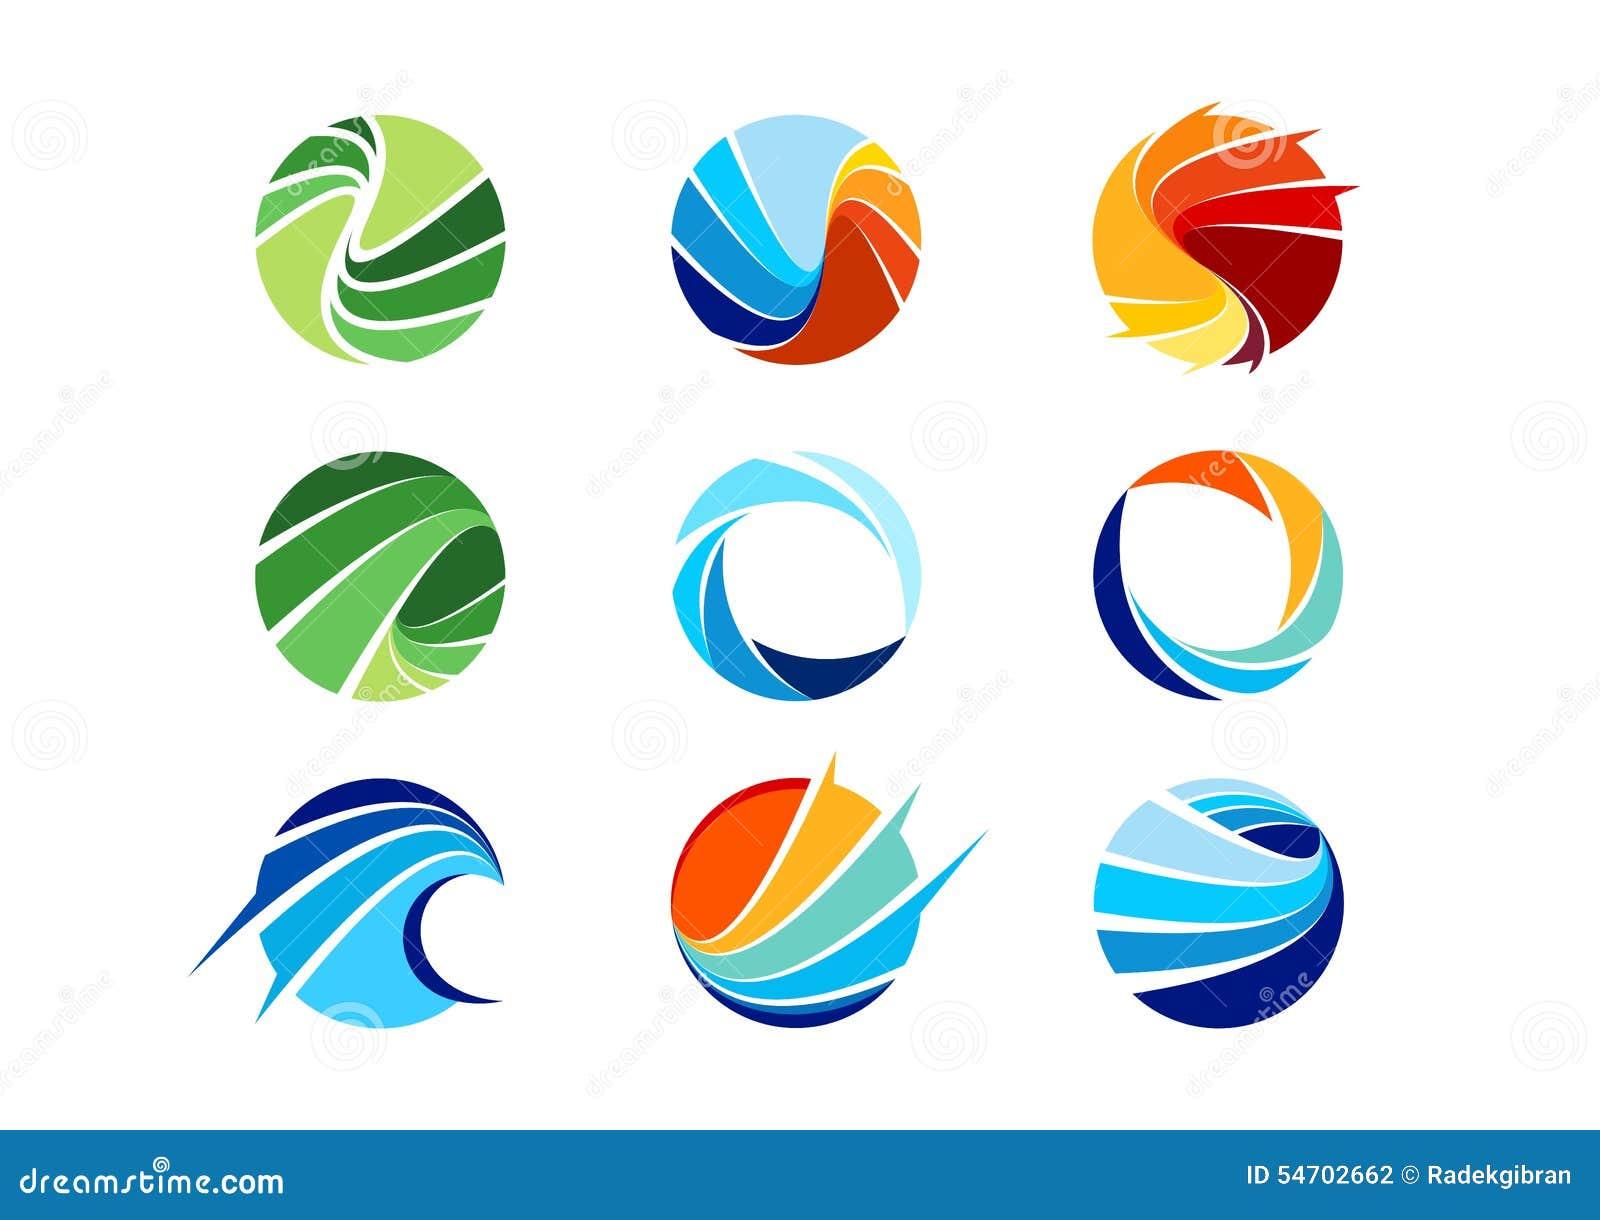 Esfera, círculo, logotipo, global, abstracto, negocio, compañía, sociedad, infinito, sistema del diseño redondo del vector del sí